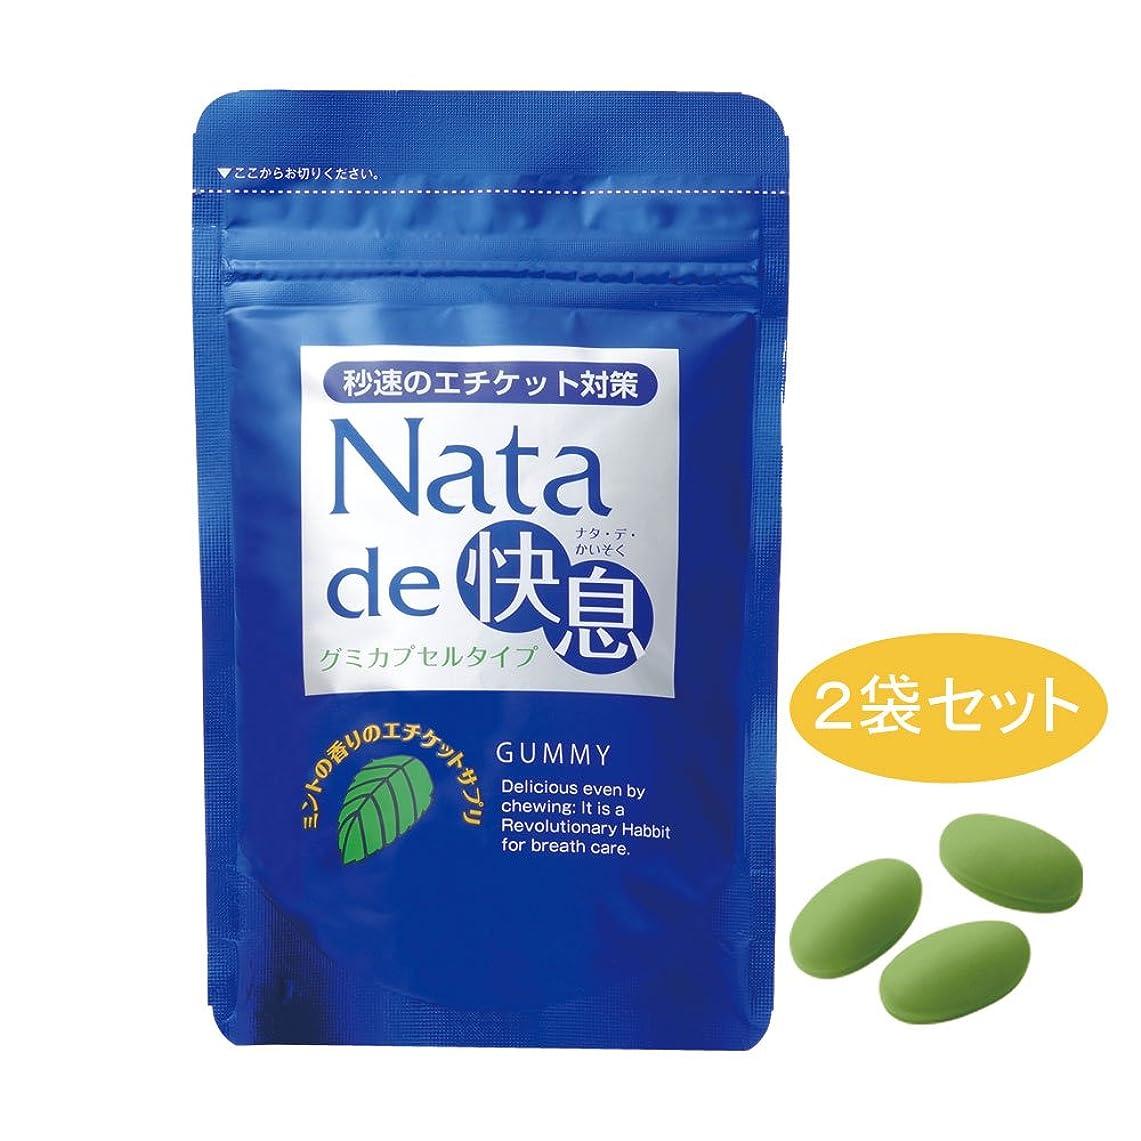 シャックルシャックルインカ帝国ナタデ快息 ミントの香り 2袋セット